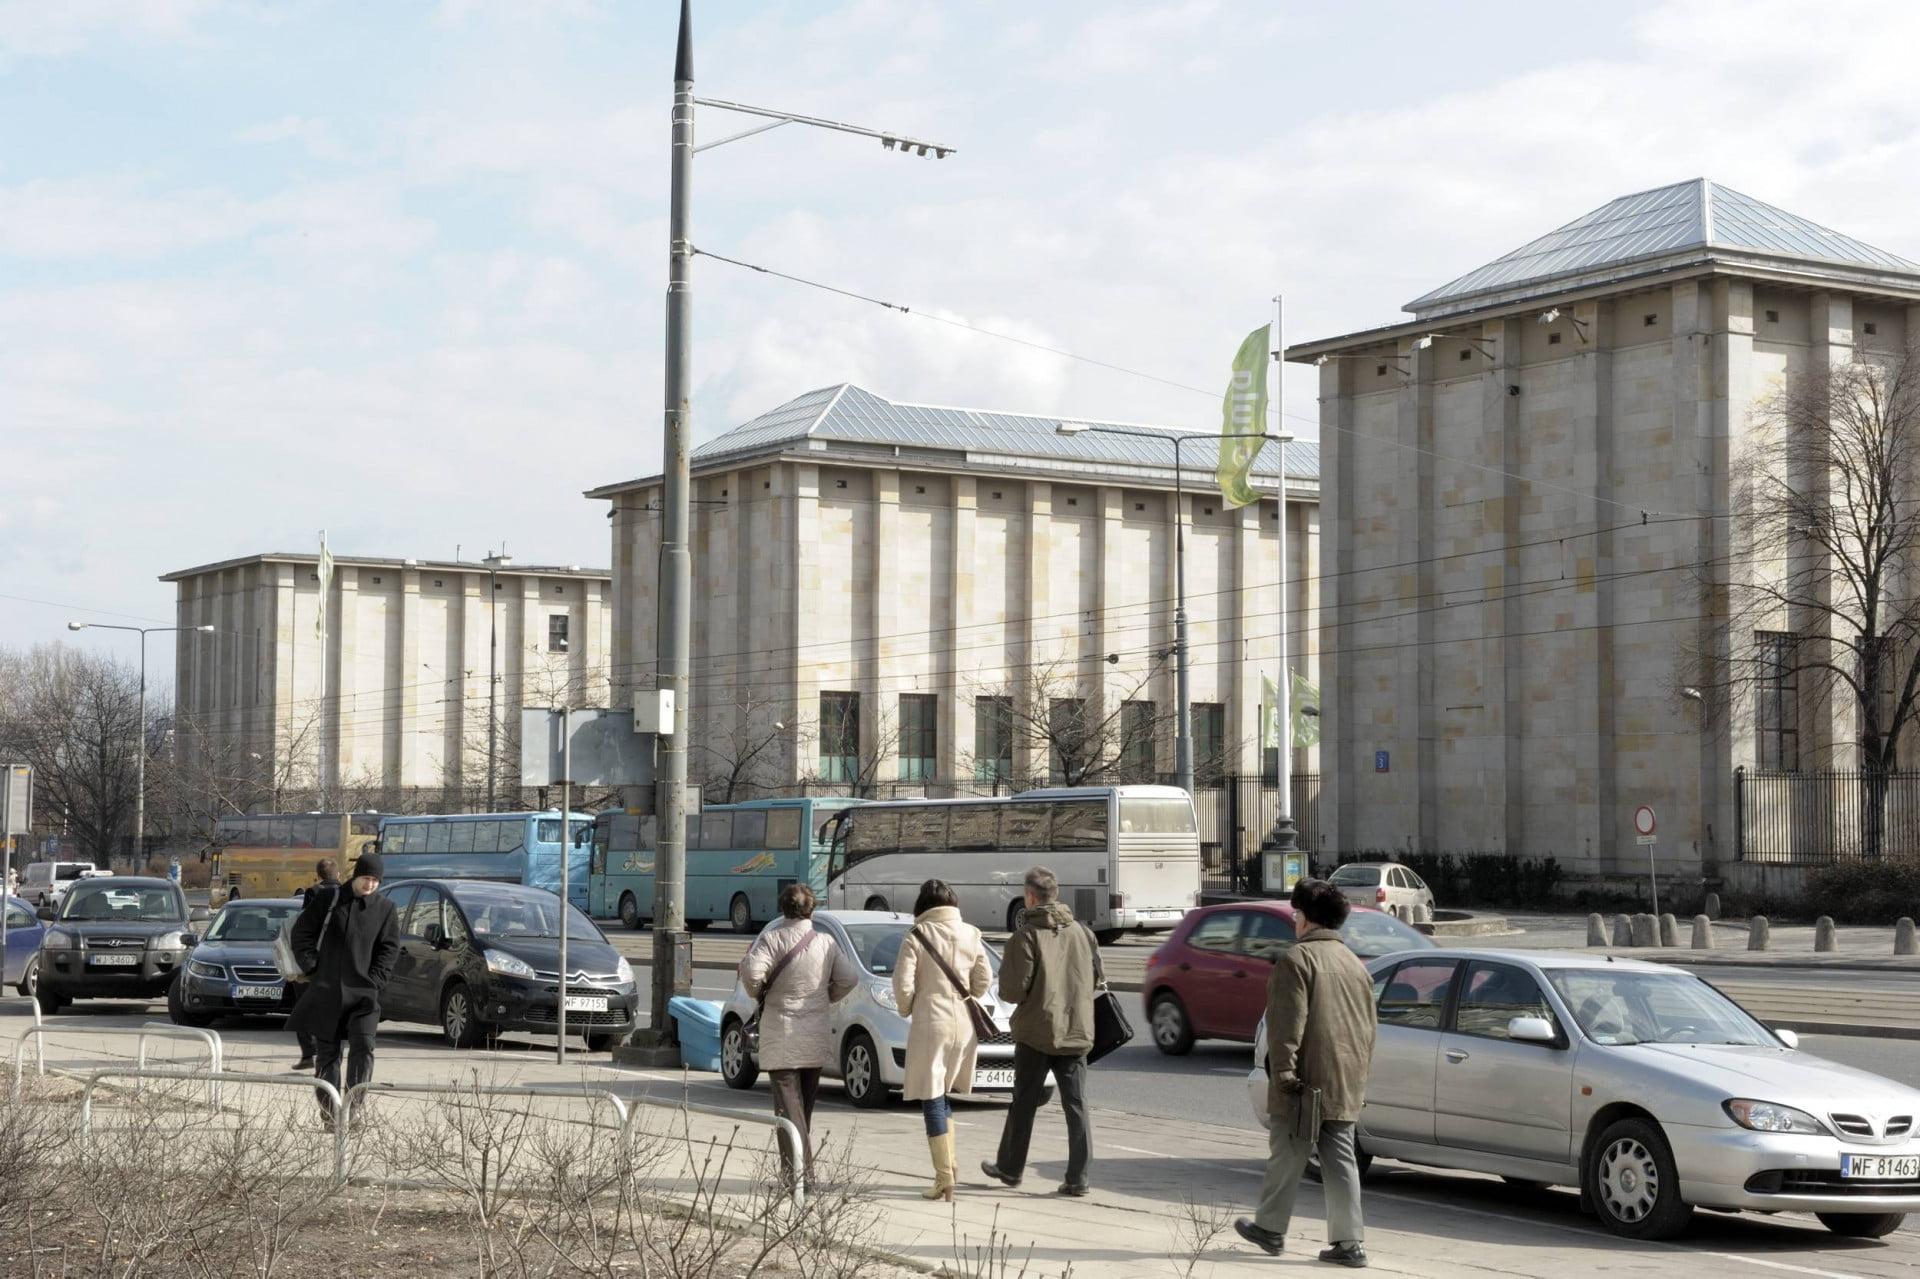 budownictwo z ziemi - Muzeum Narodowe w Warszawie, którego podziemia są chronione elektronicznym systemem osuszania